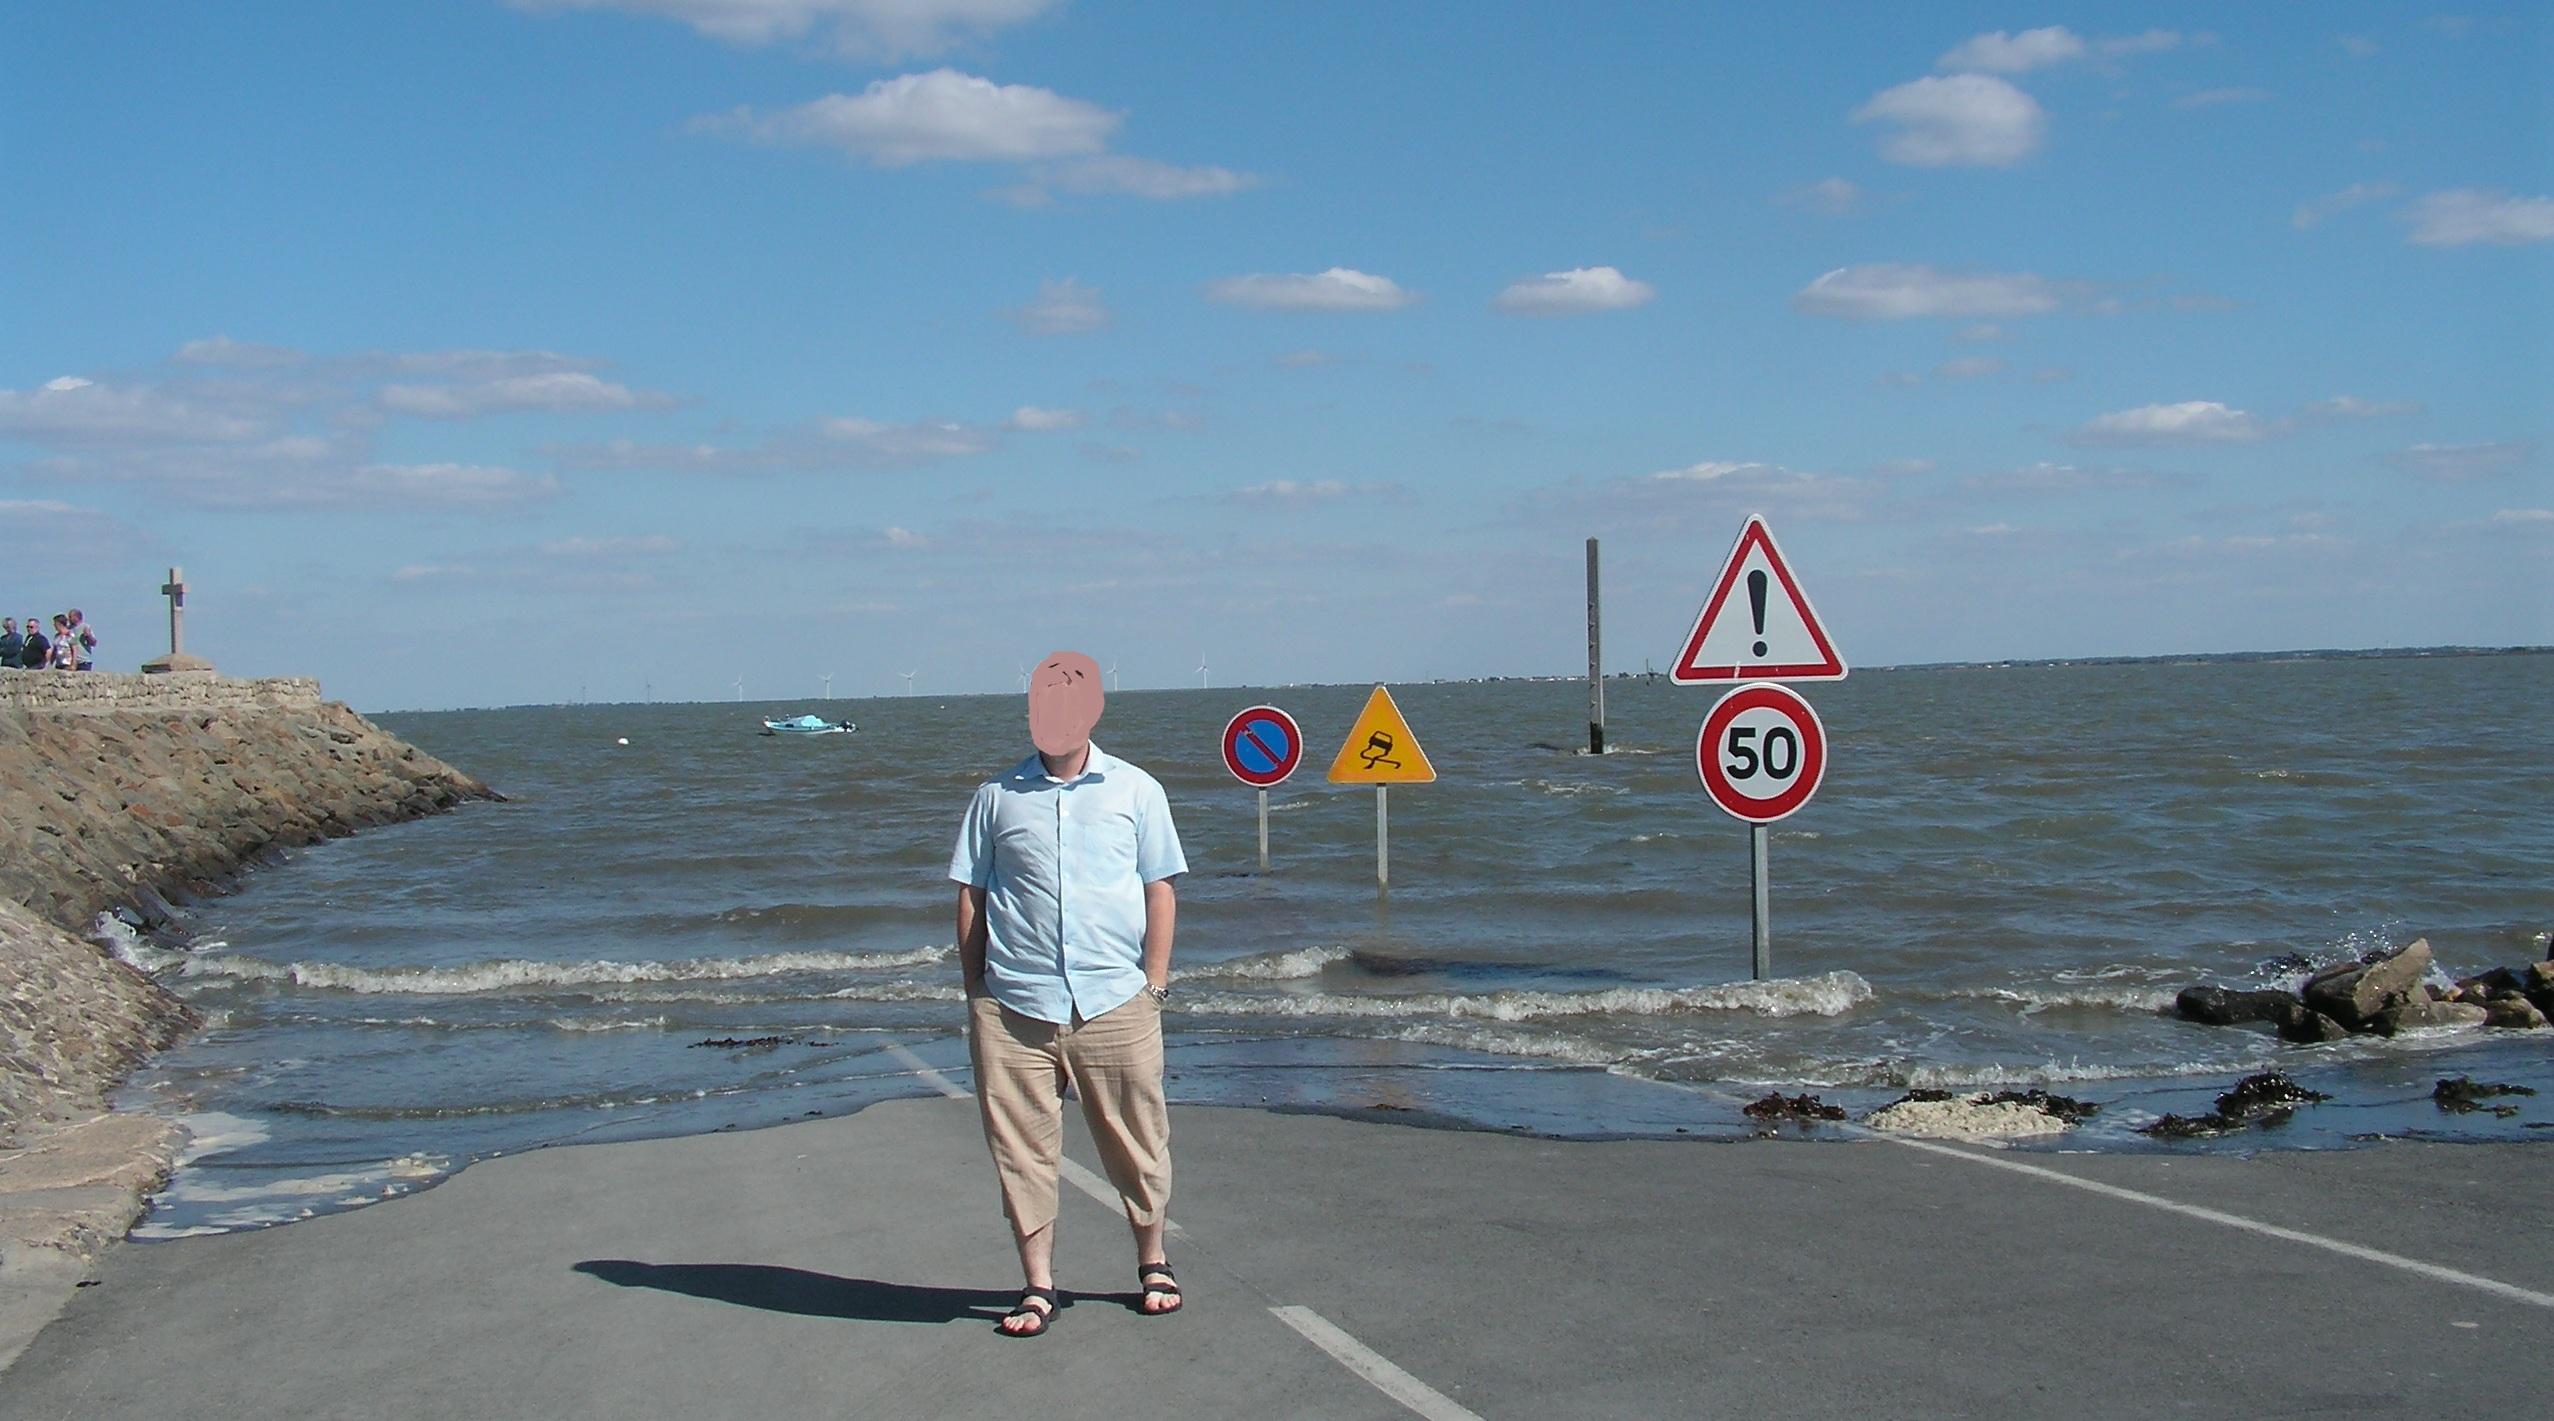 PICT0064Naszut_ocean-ile de noirmoutier - Copy.JPG